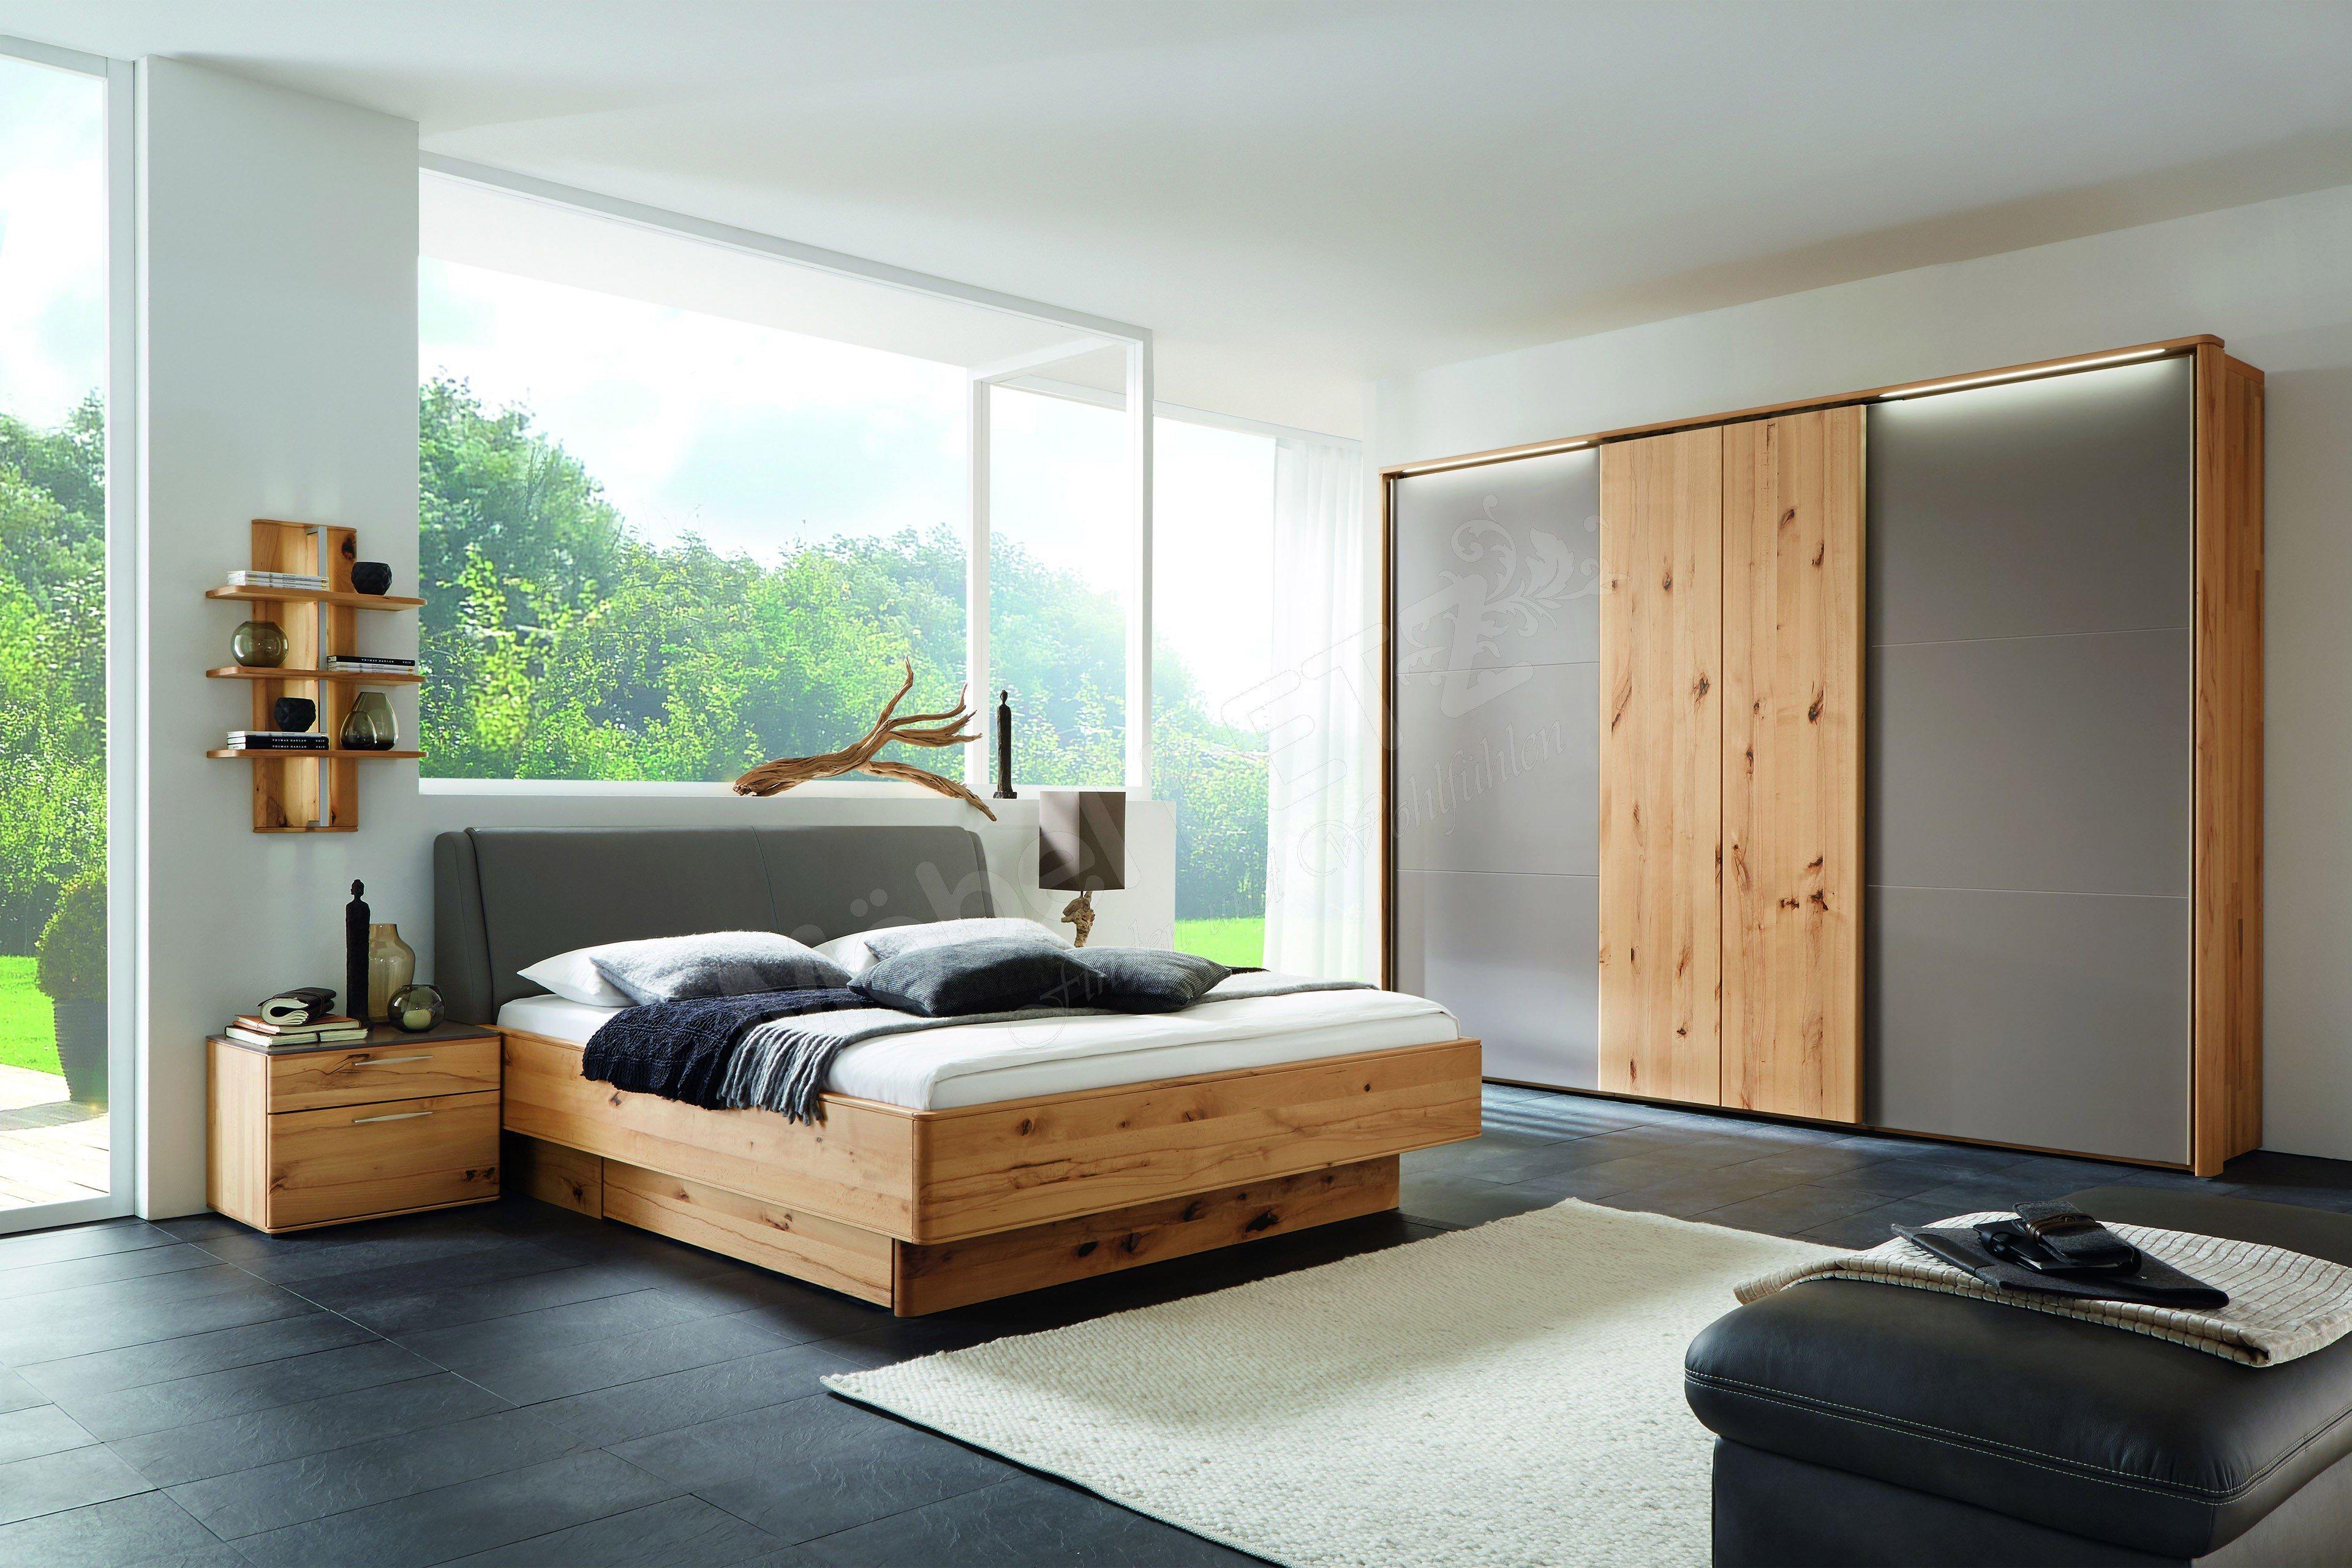 schlafzimmer massivholz dansk design massivholzmobel wsm 1400 von wostmann schlafzimmer mobel astkernbuche